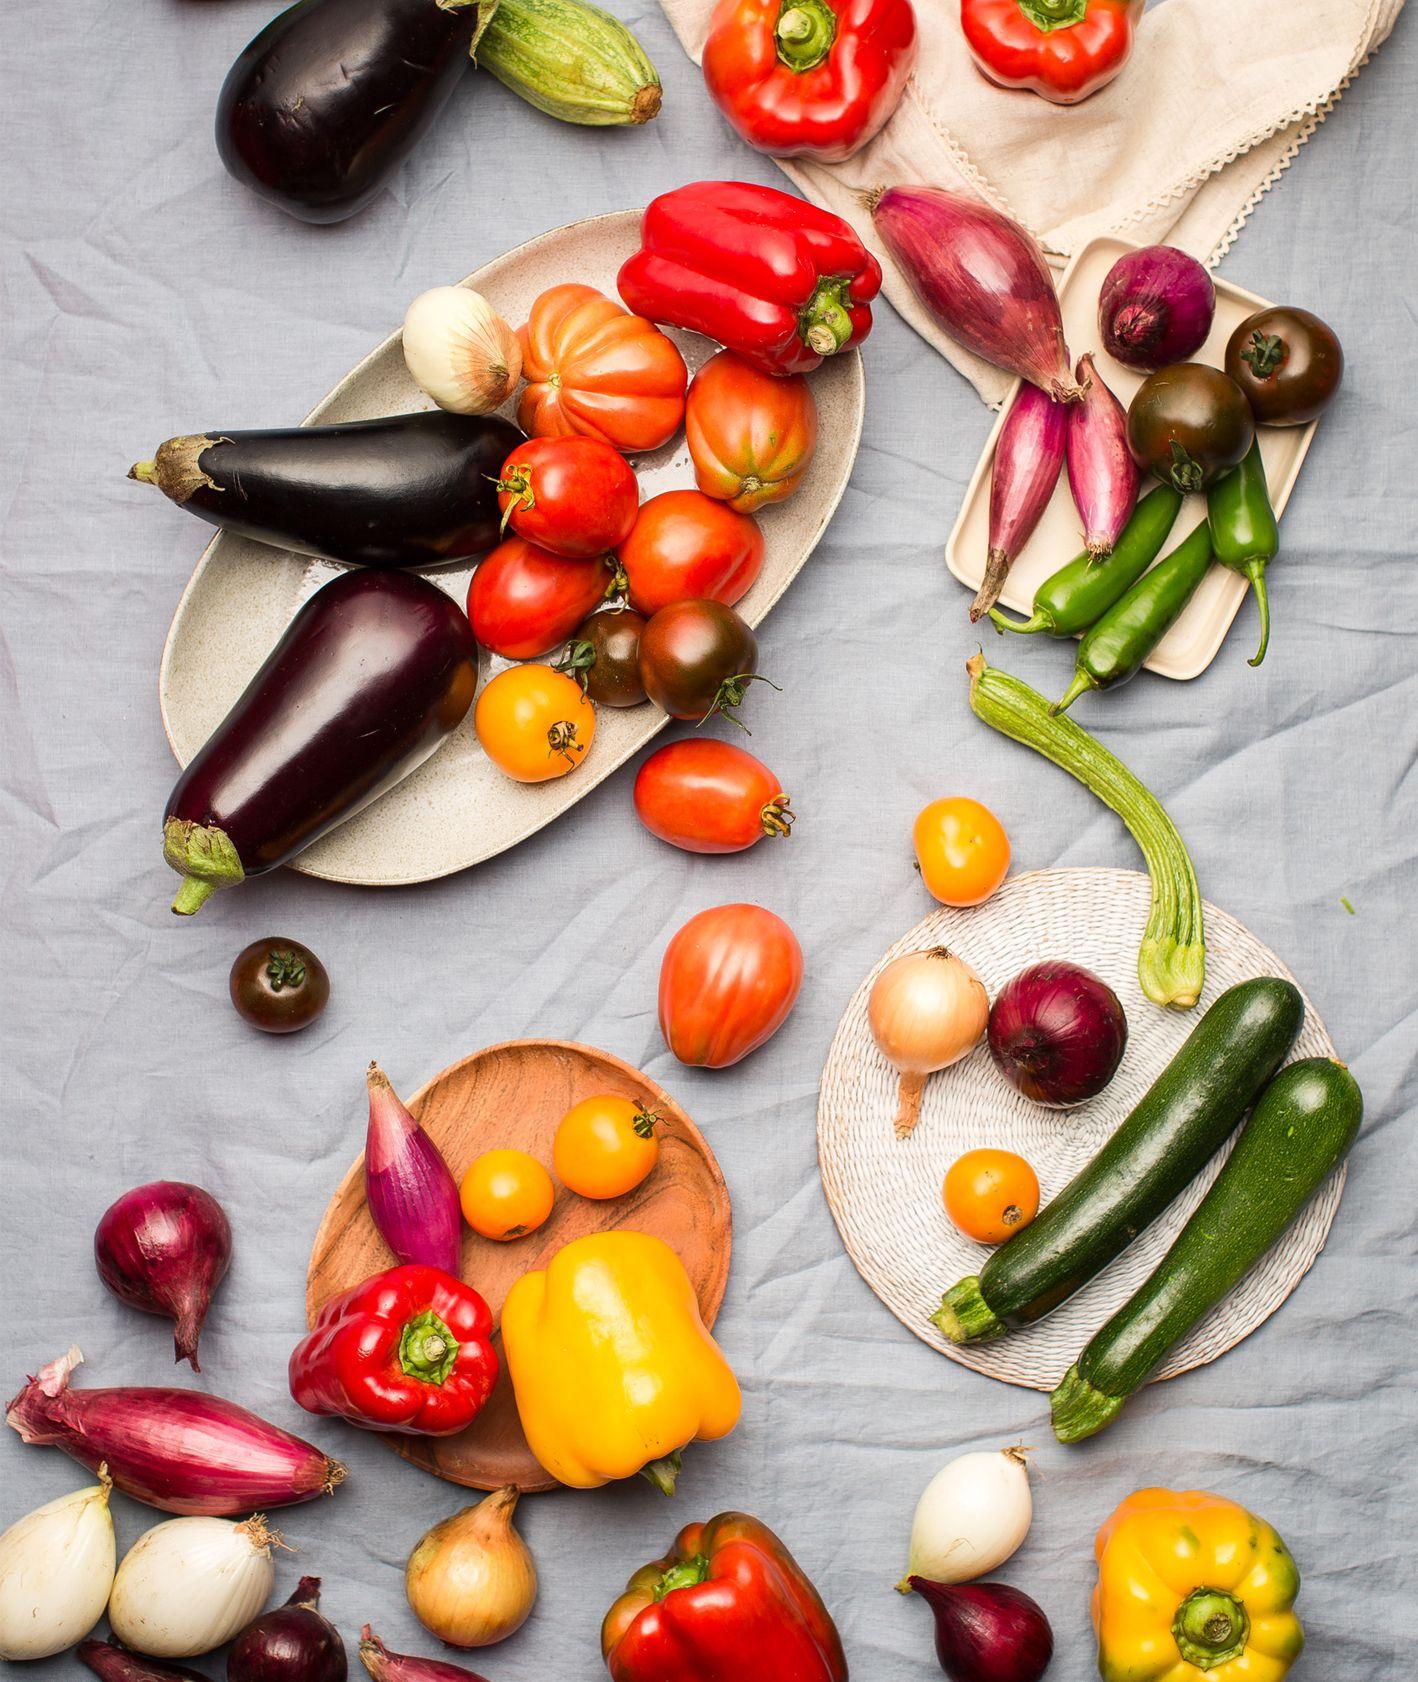 Targ Forteca Kręgliccy – sezonowe warzywa: papryka, bakłażan i cukinia, wczesna jesień